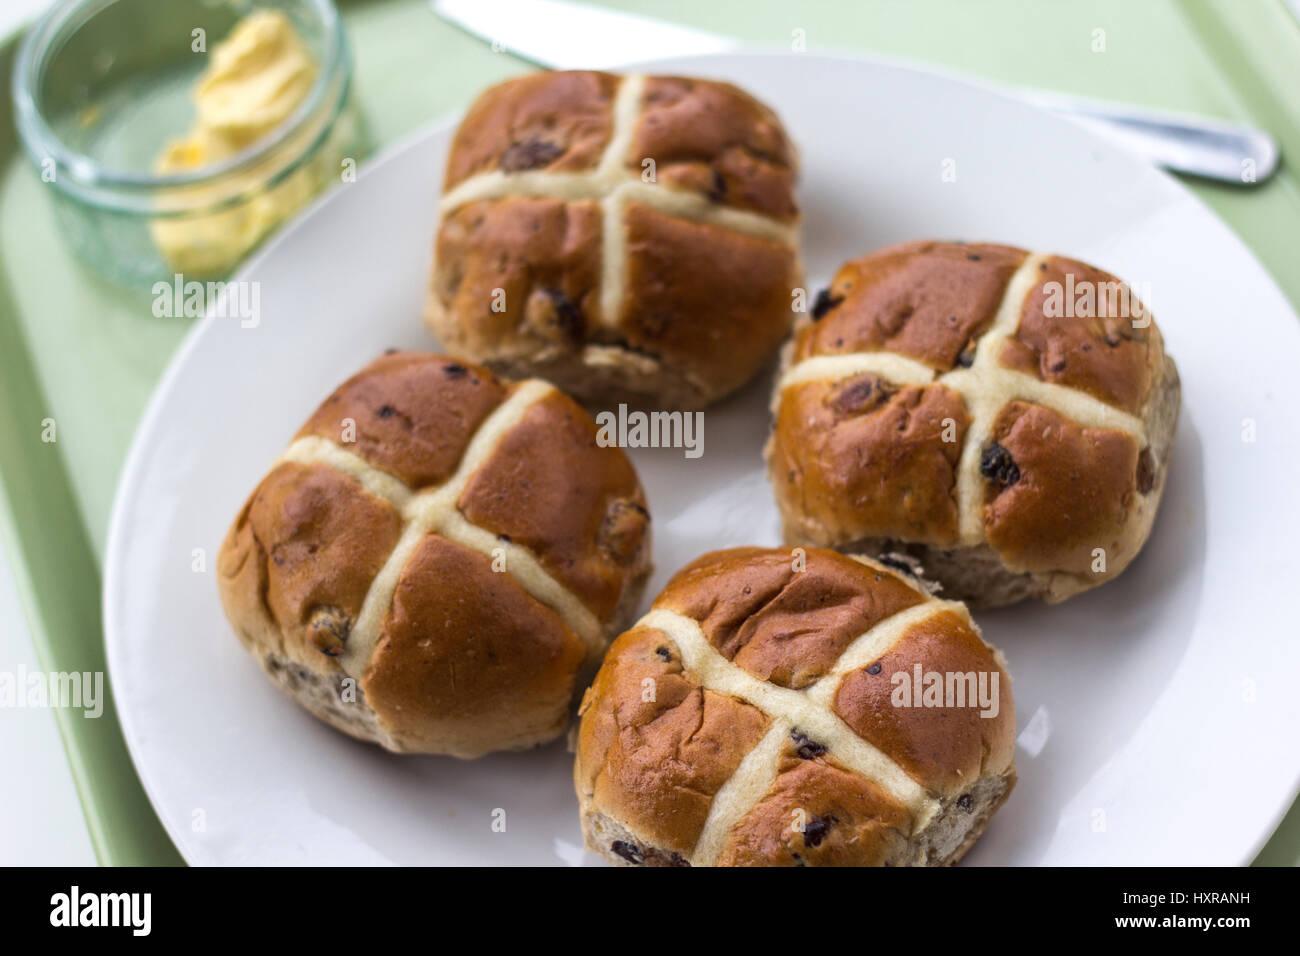 Nel XII secolo un monaco anglicana cotto i panini e contrassegnati con una croce in onore del Venerdì Santo Immagini Stock